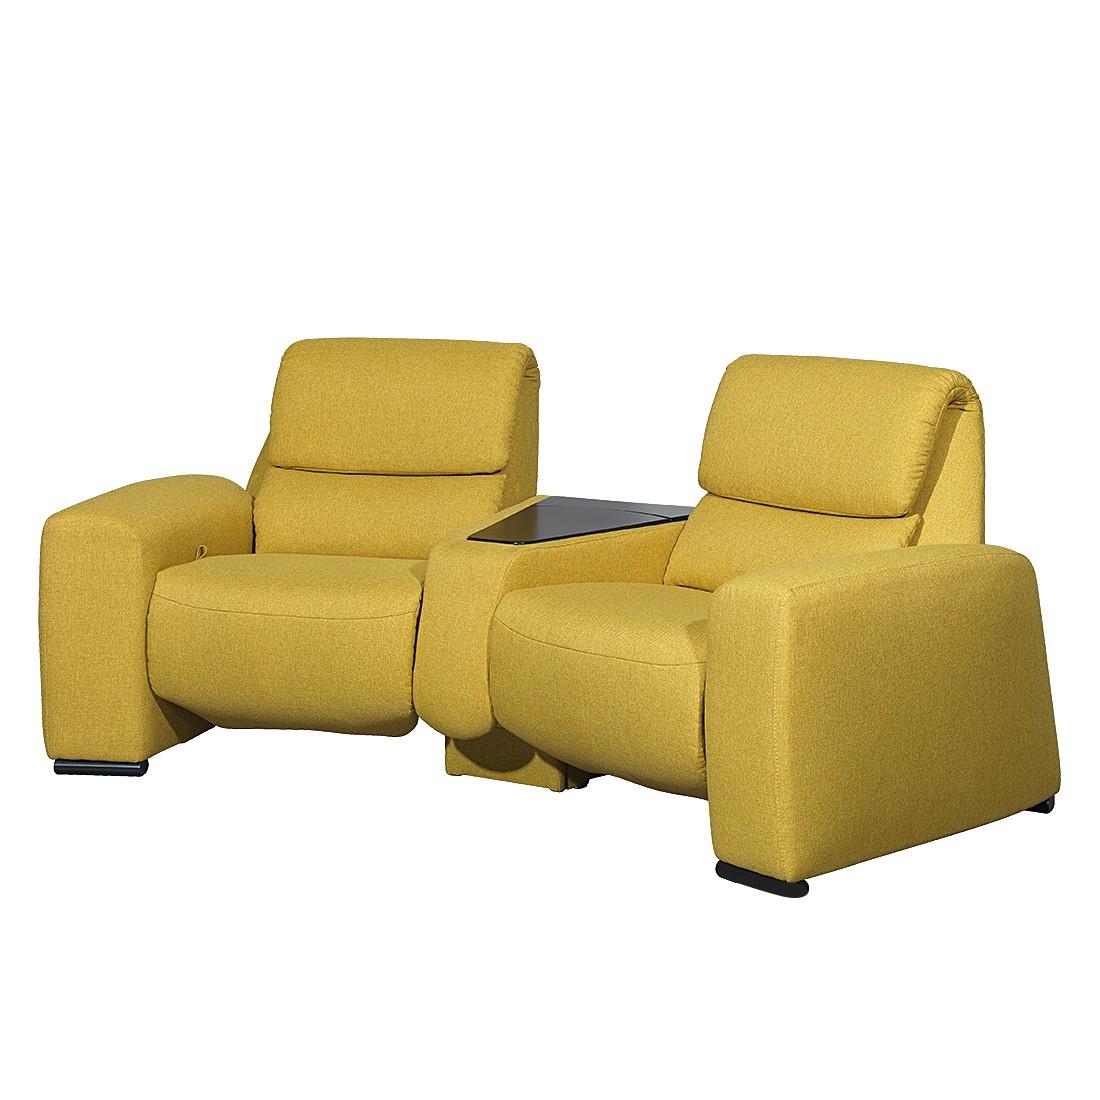 Canapé de relaxation Space (2 places) - Textile - Avec fonction relaxation - Jaune, trendline by Ada